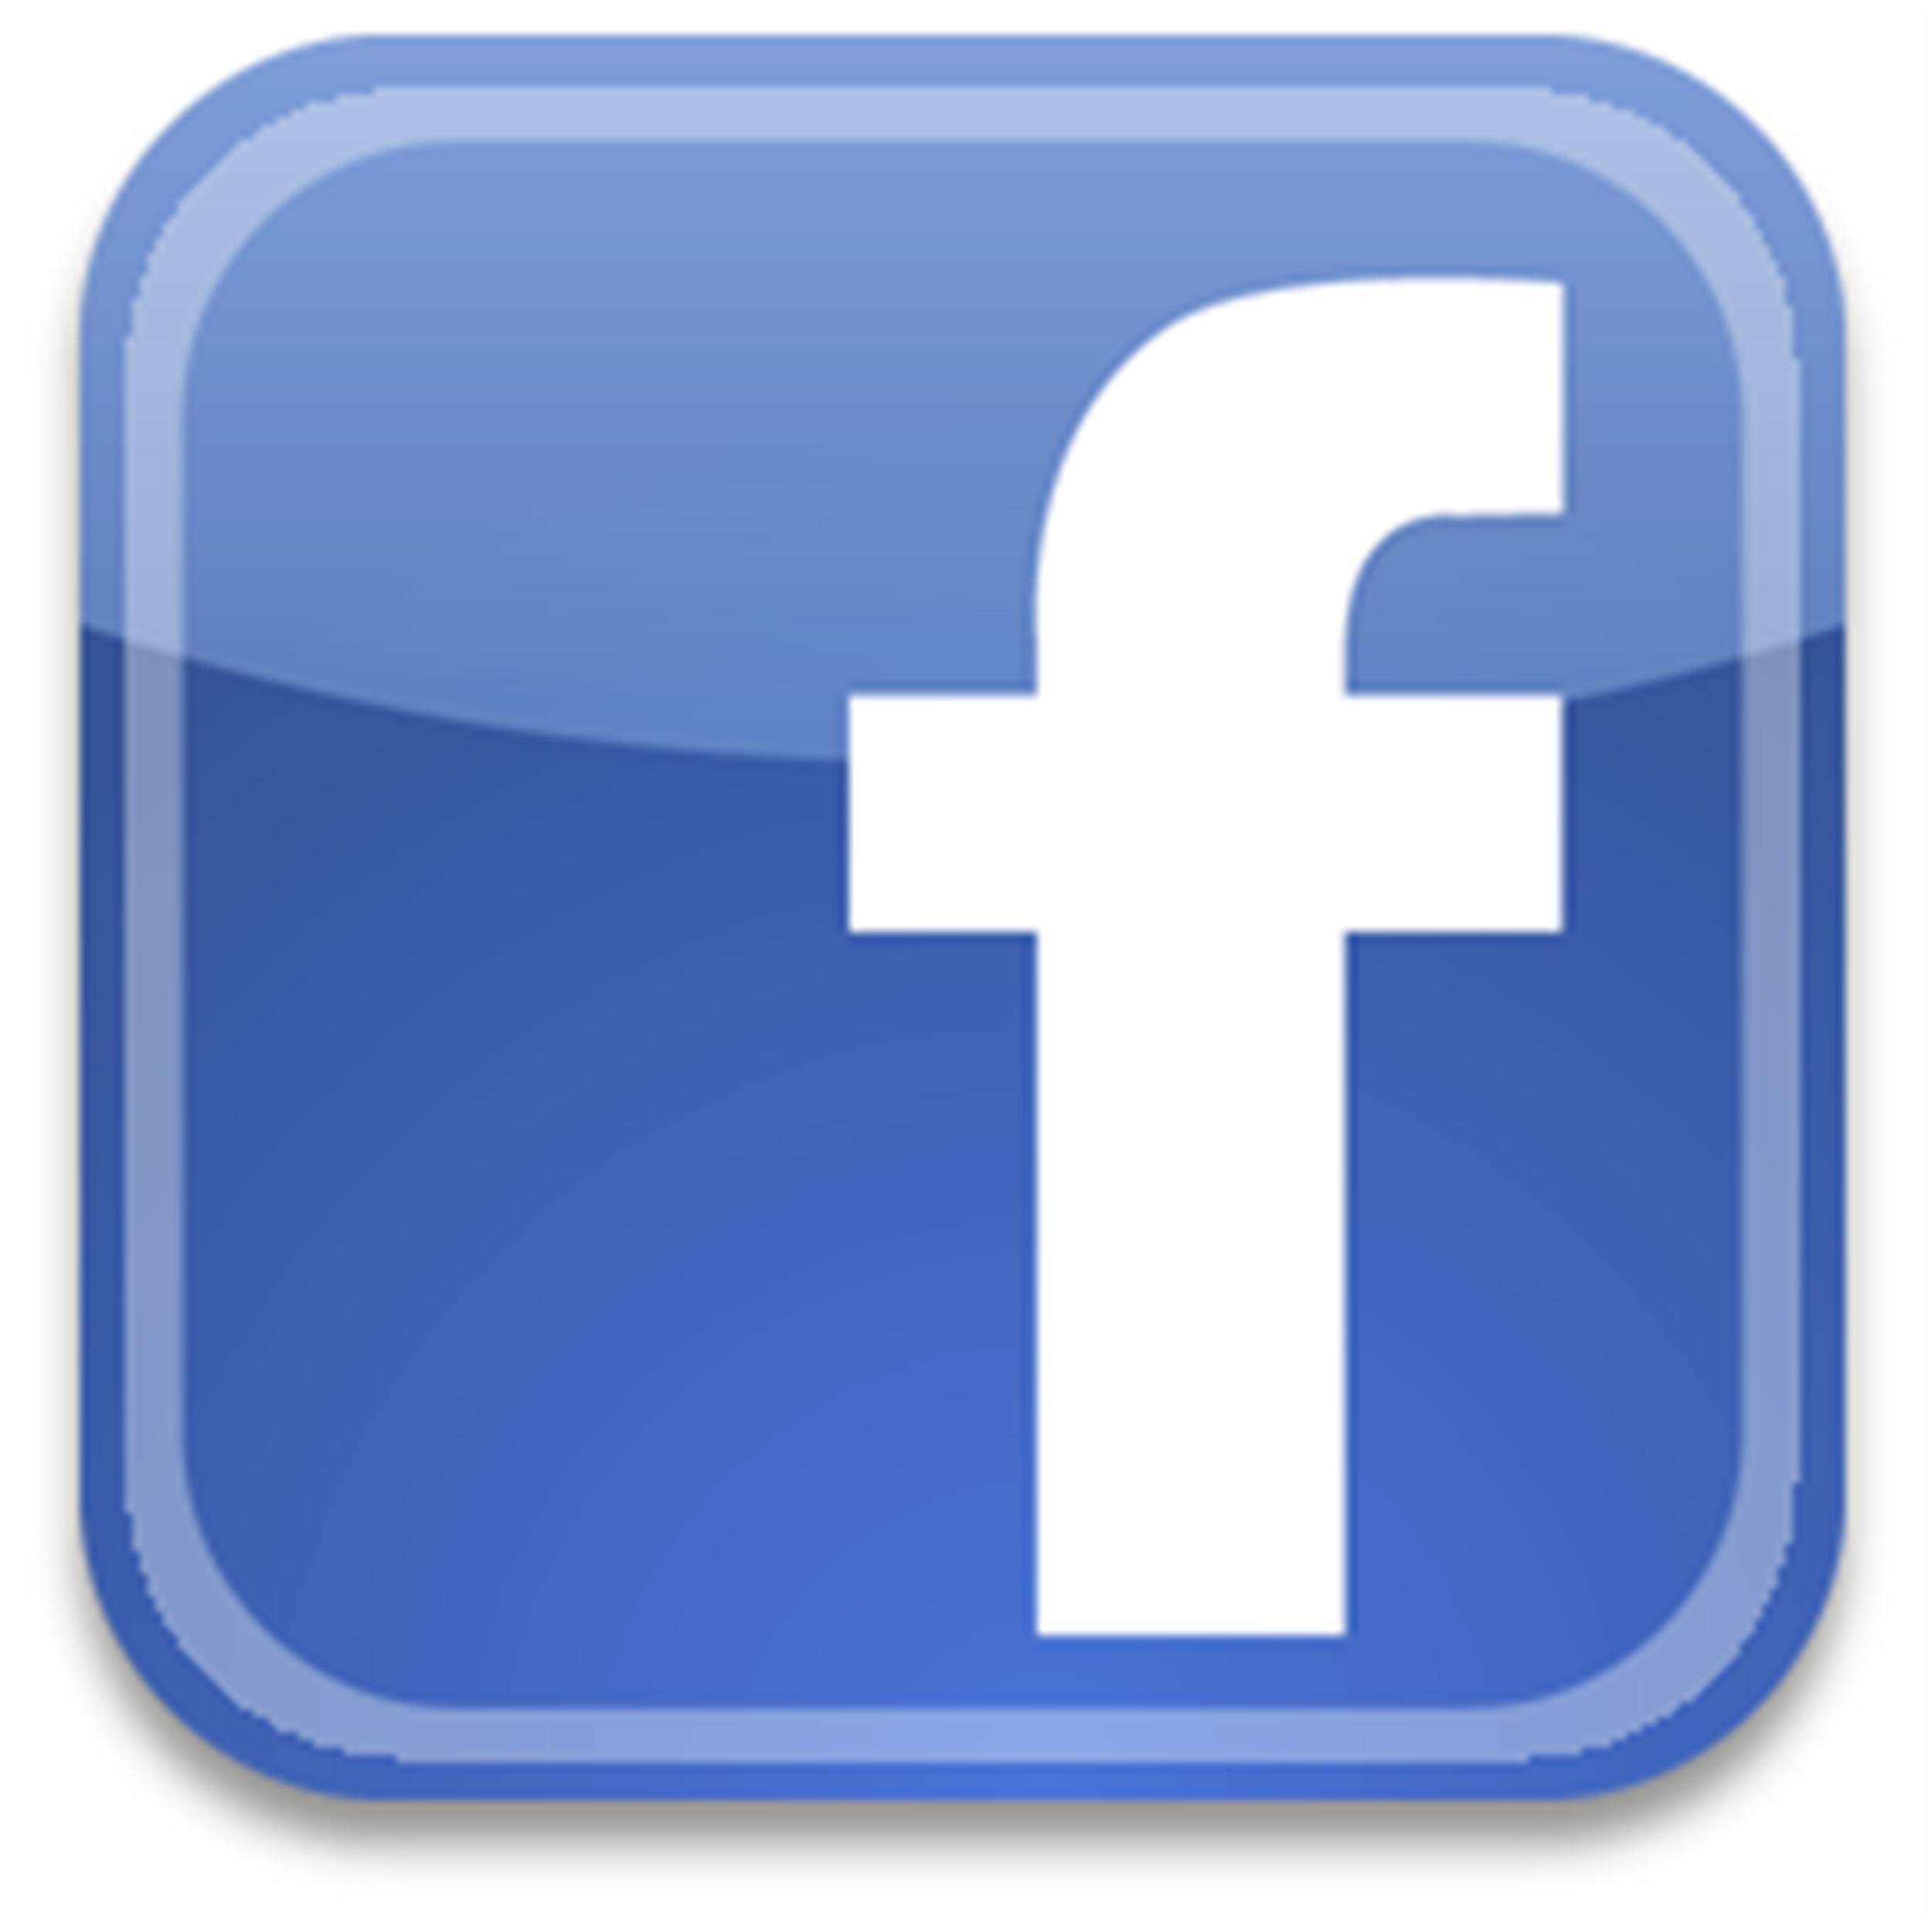 Fb facebook logo icon #6949.